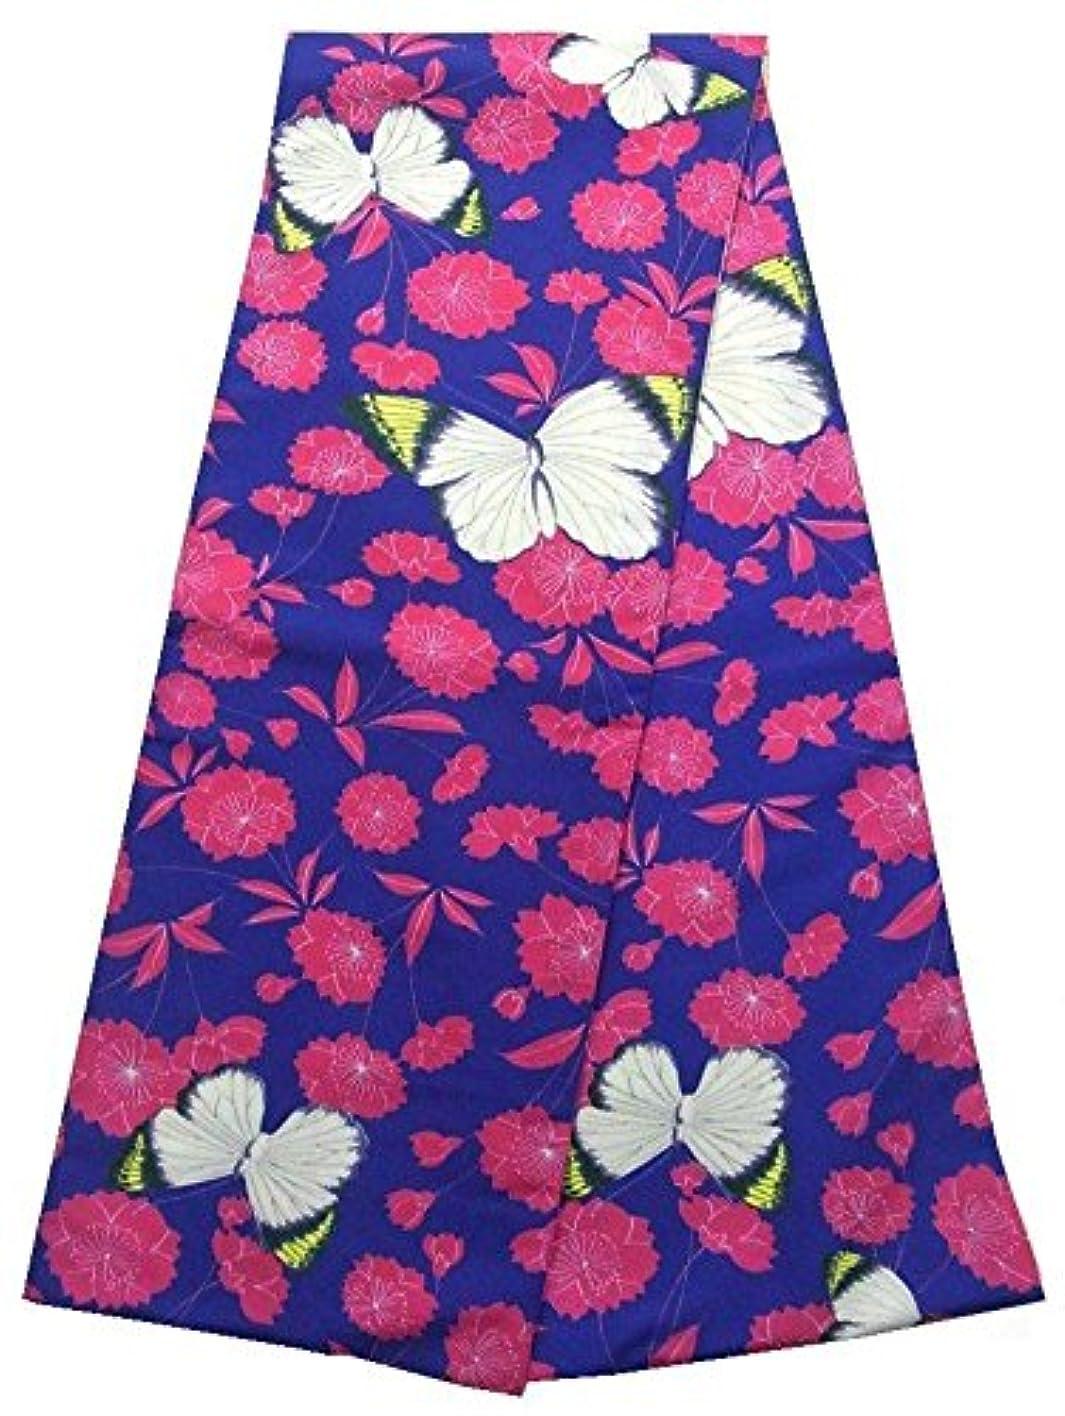 付属品物理学者限りなくキモノッテ 京袋帯 桜と蝶  ビビット ポリエステル